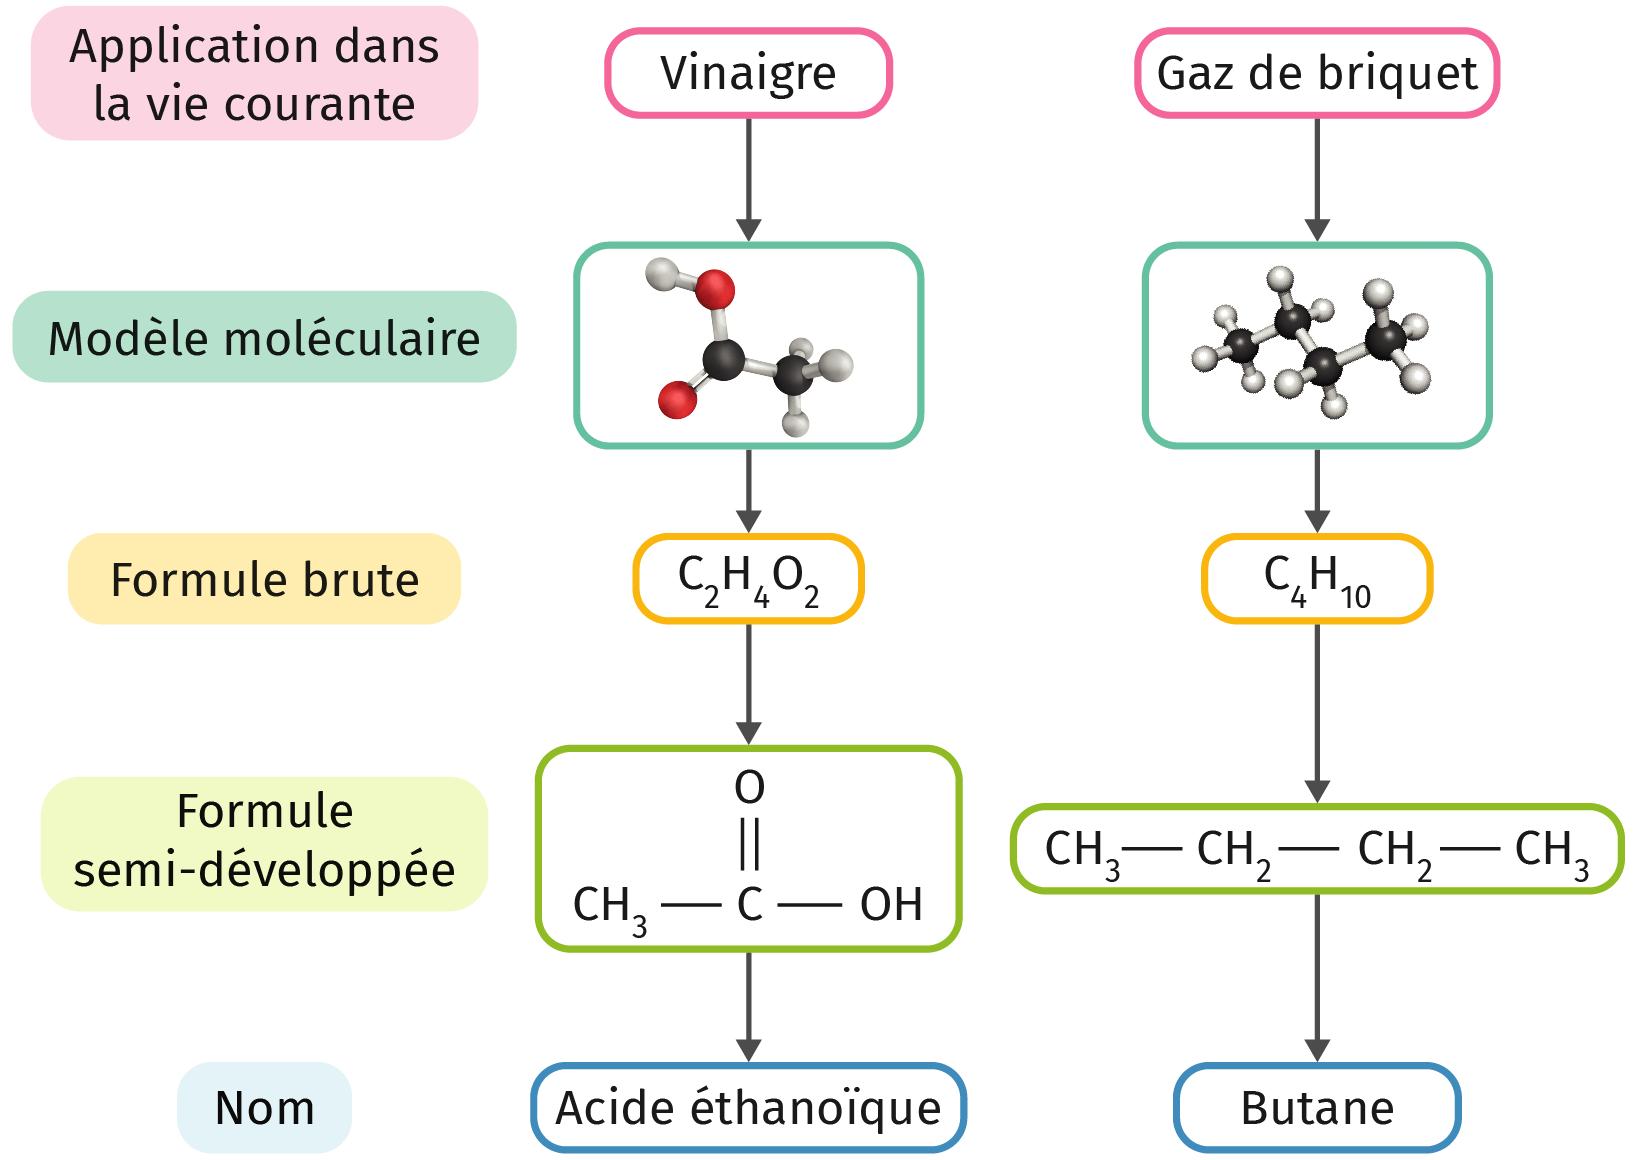 formules brutes et semi-développées